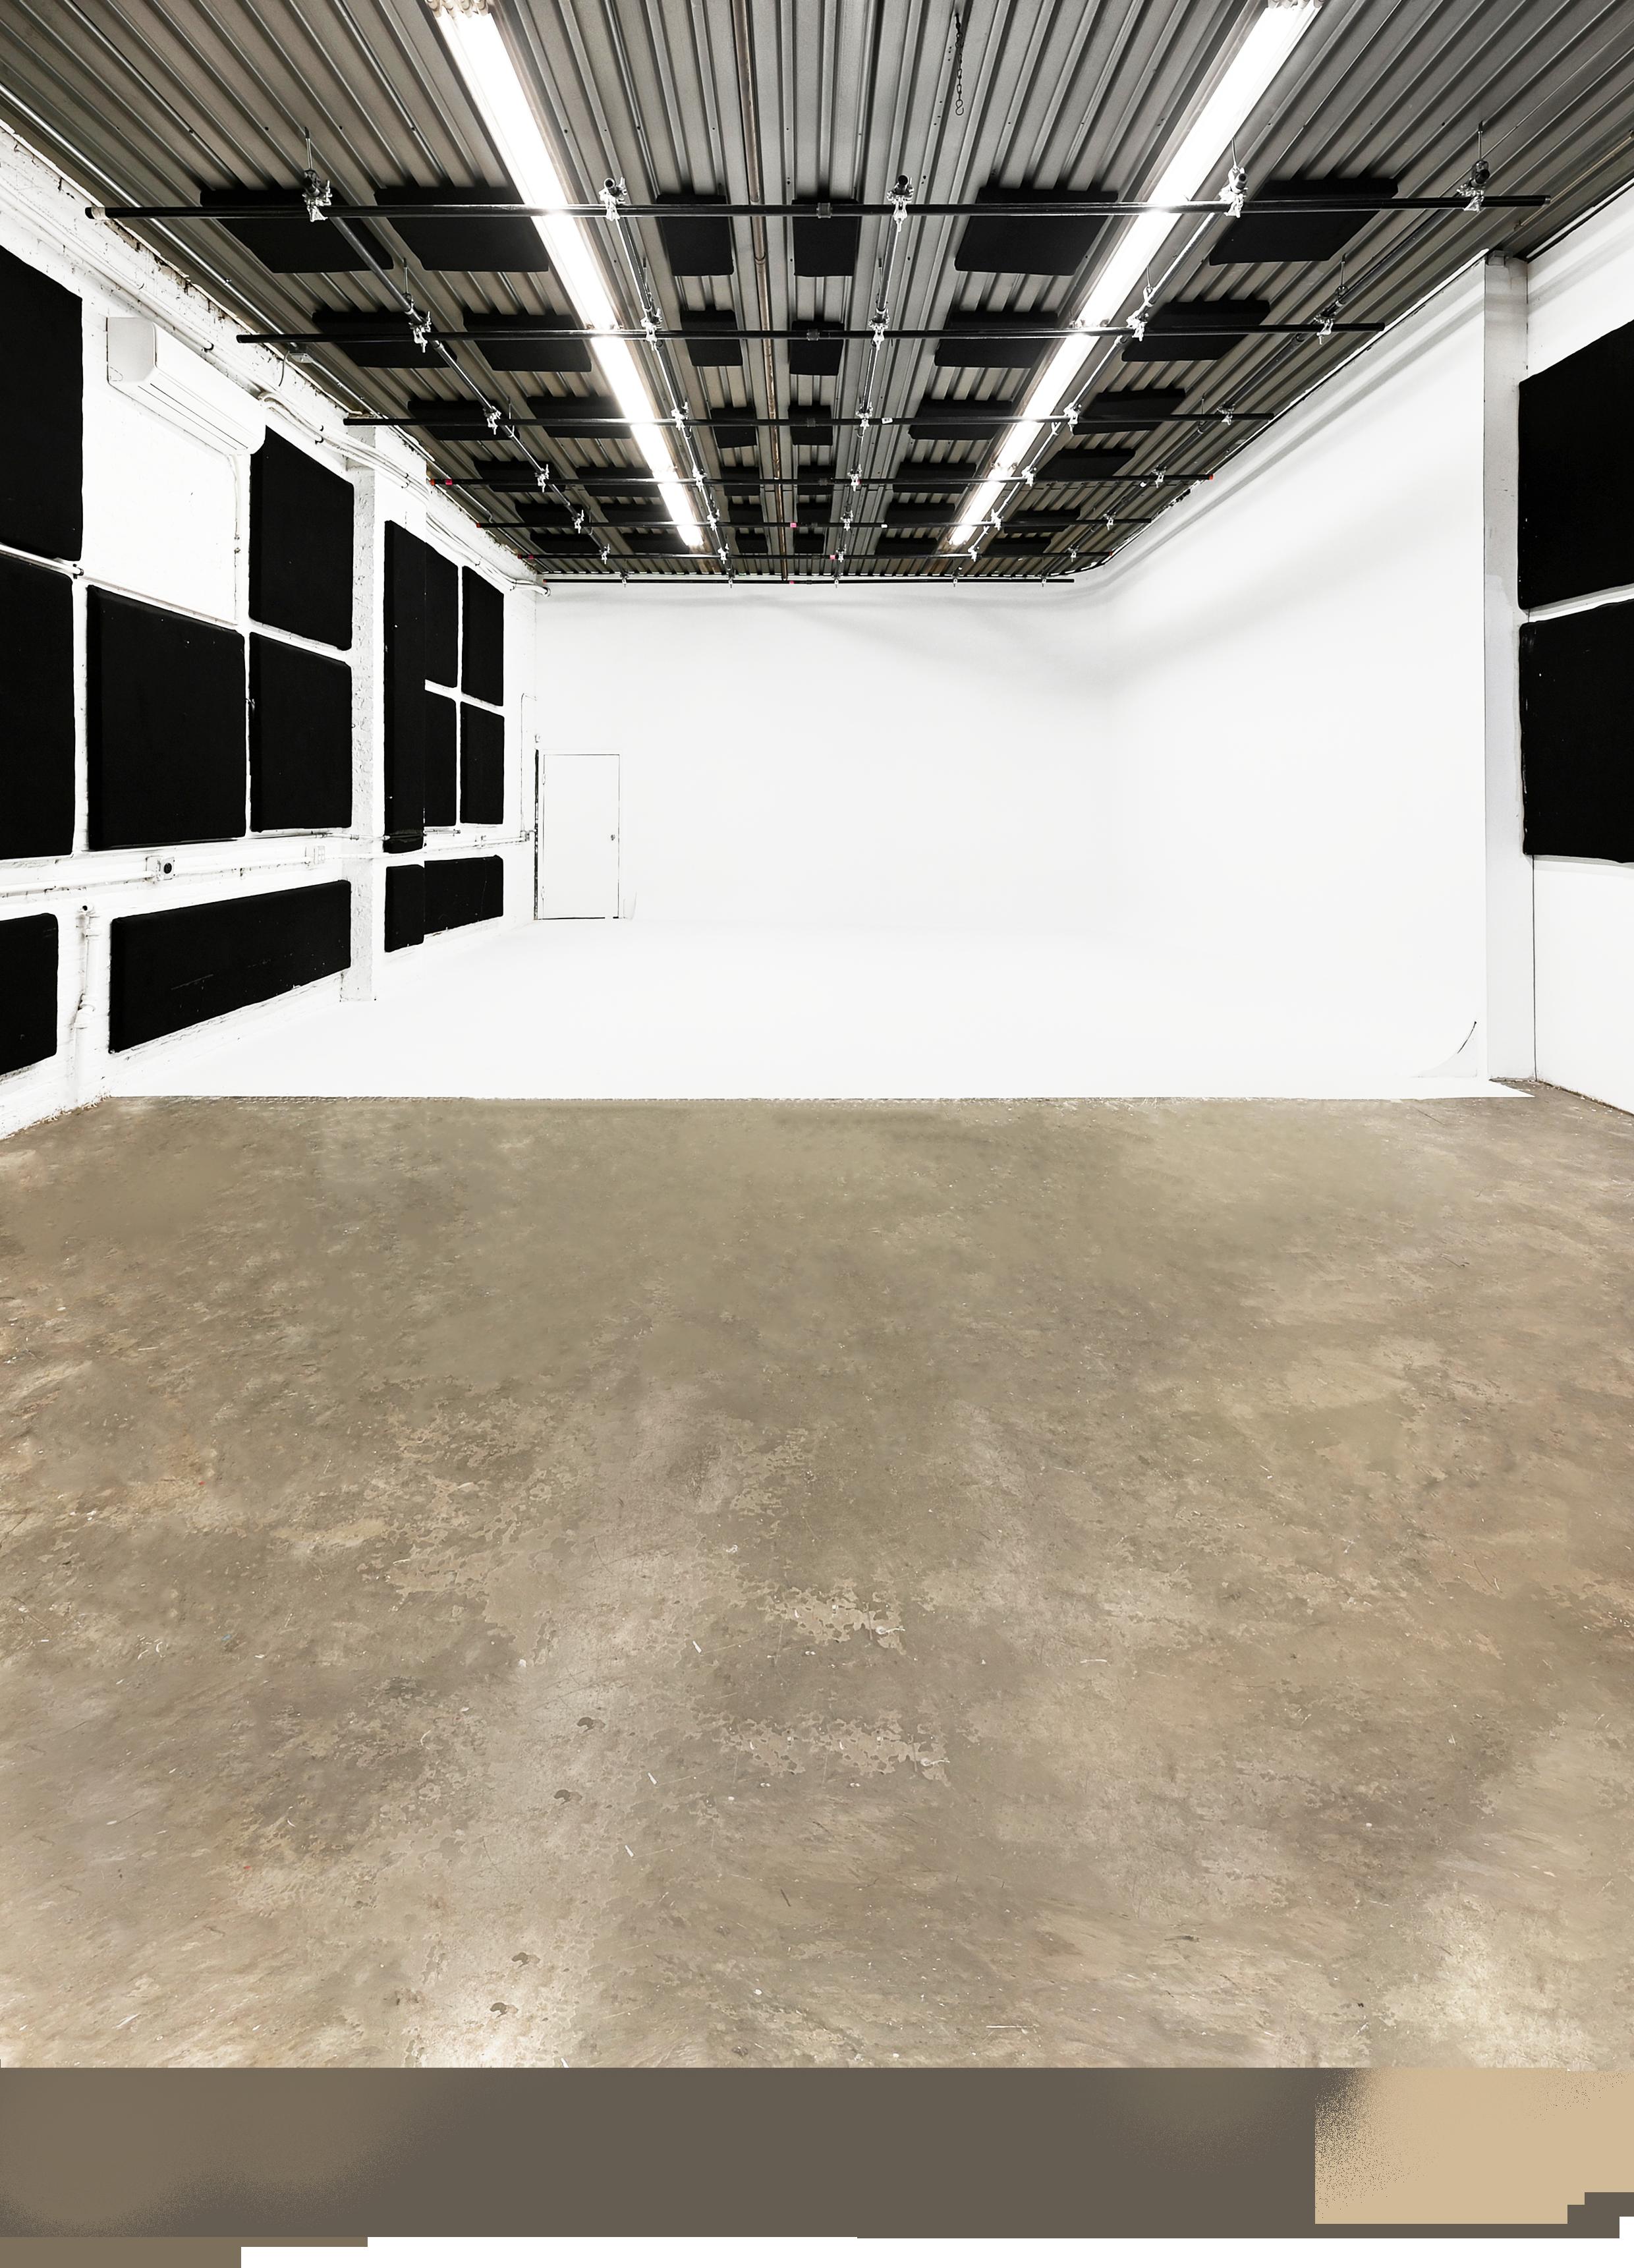 演播室1设施:2500平方英尺演播室:1200平方英尺